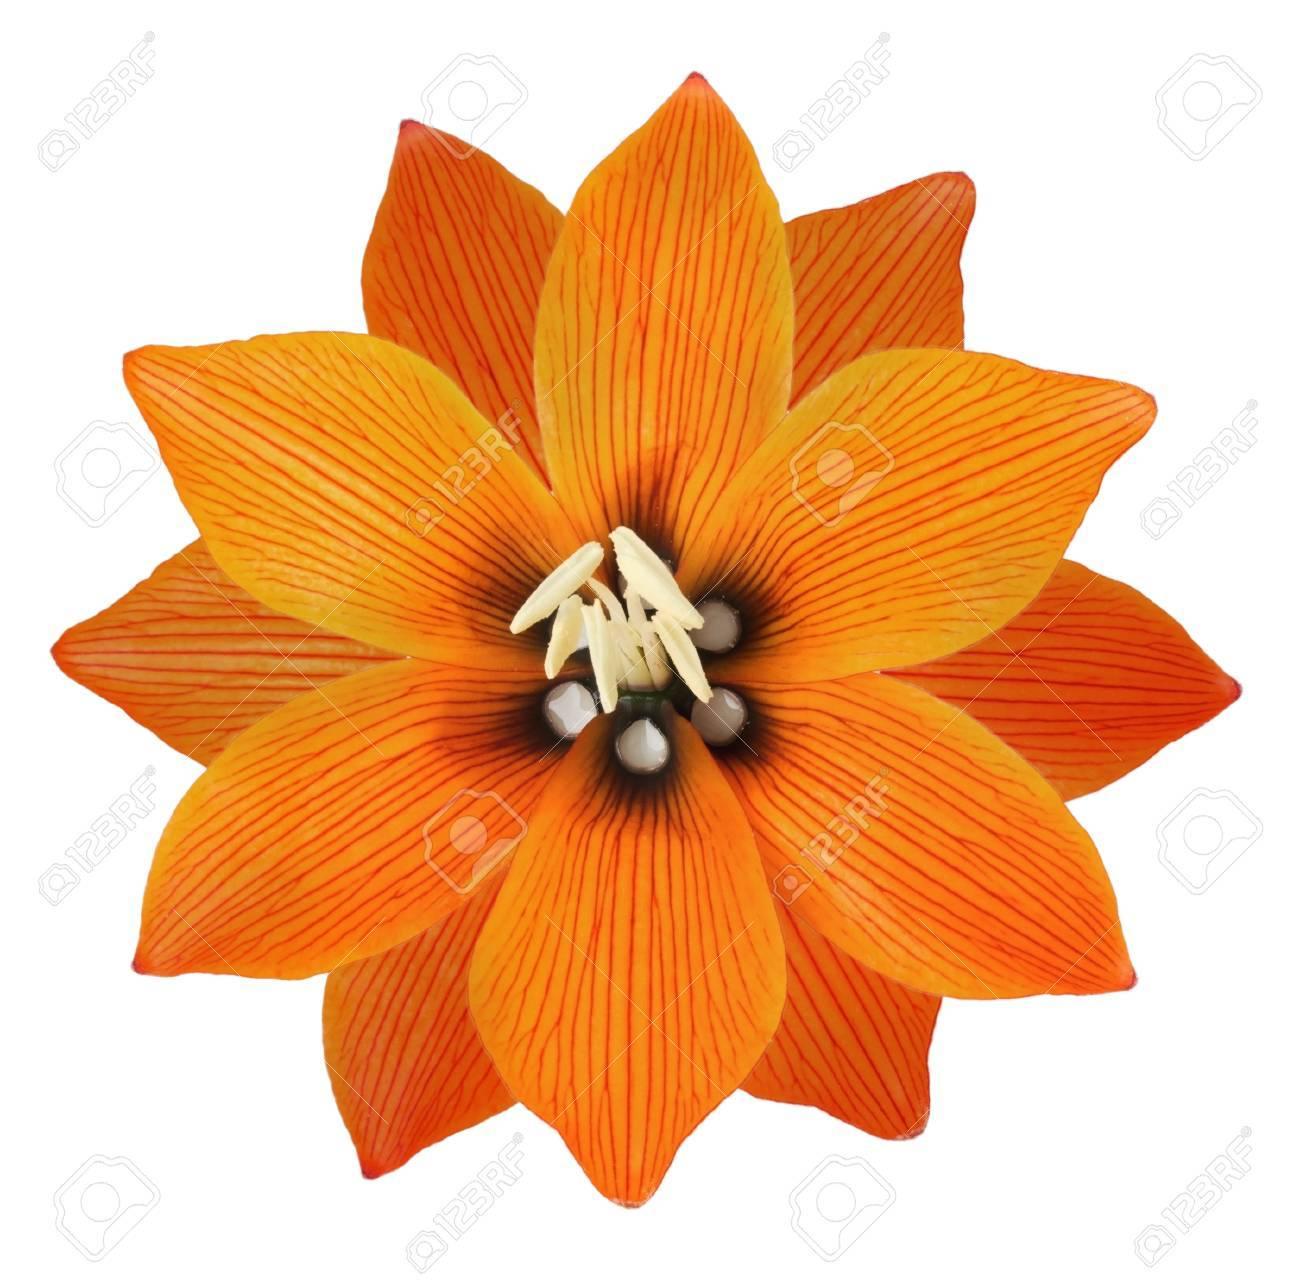 Lilis flower on a white background stock photo picture and royalty lilis flower on a white background stock photo 28800084 izmirmasajfo